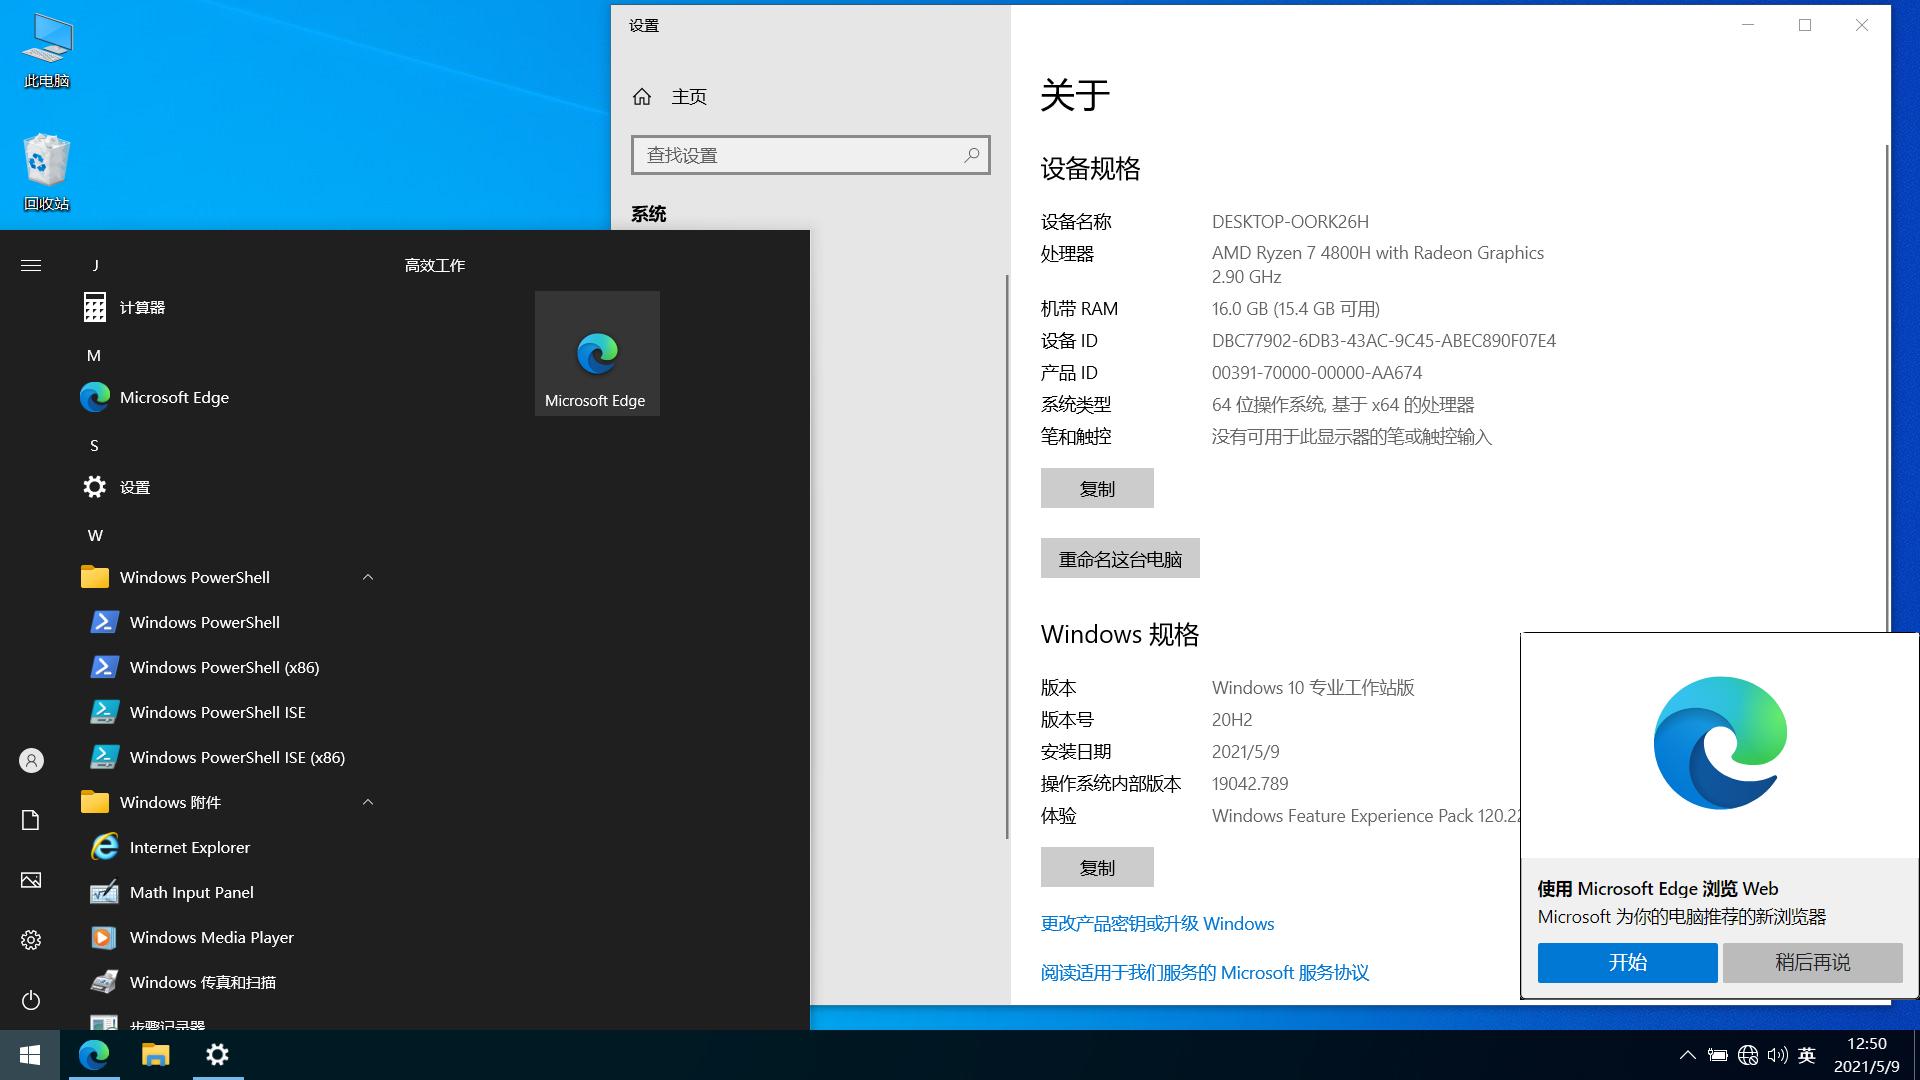 【金黑凤凰】Windows2H2中文64位SuperPlus版